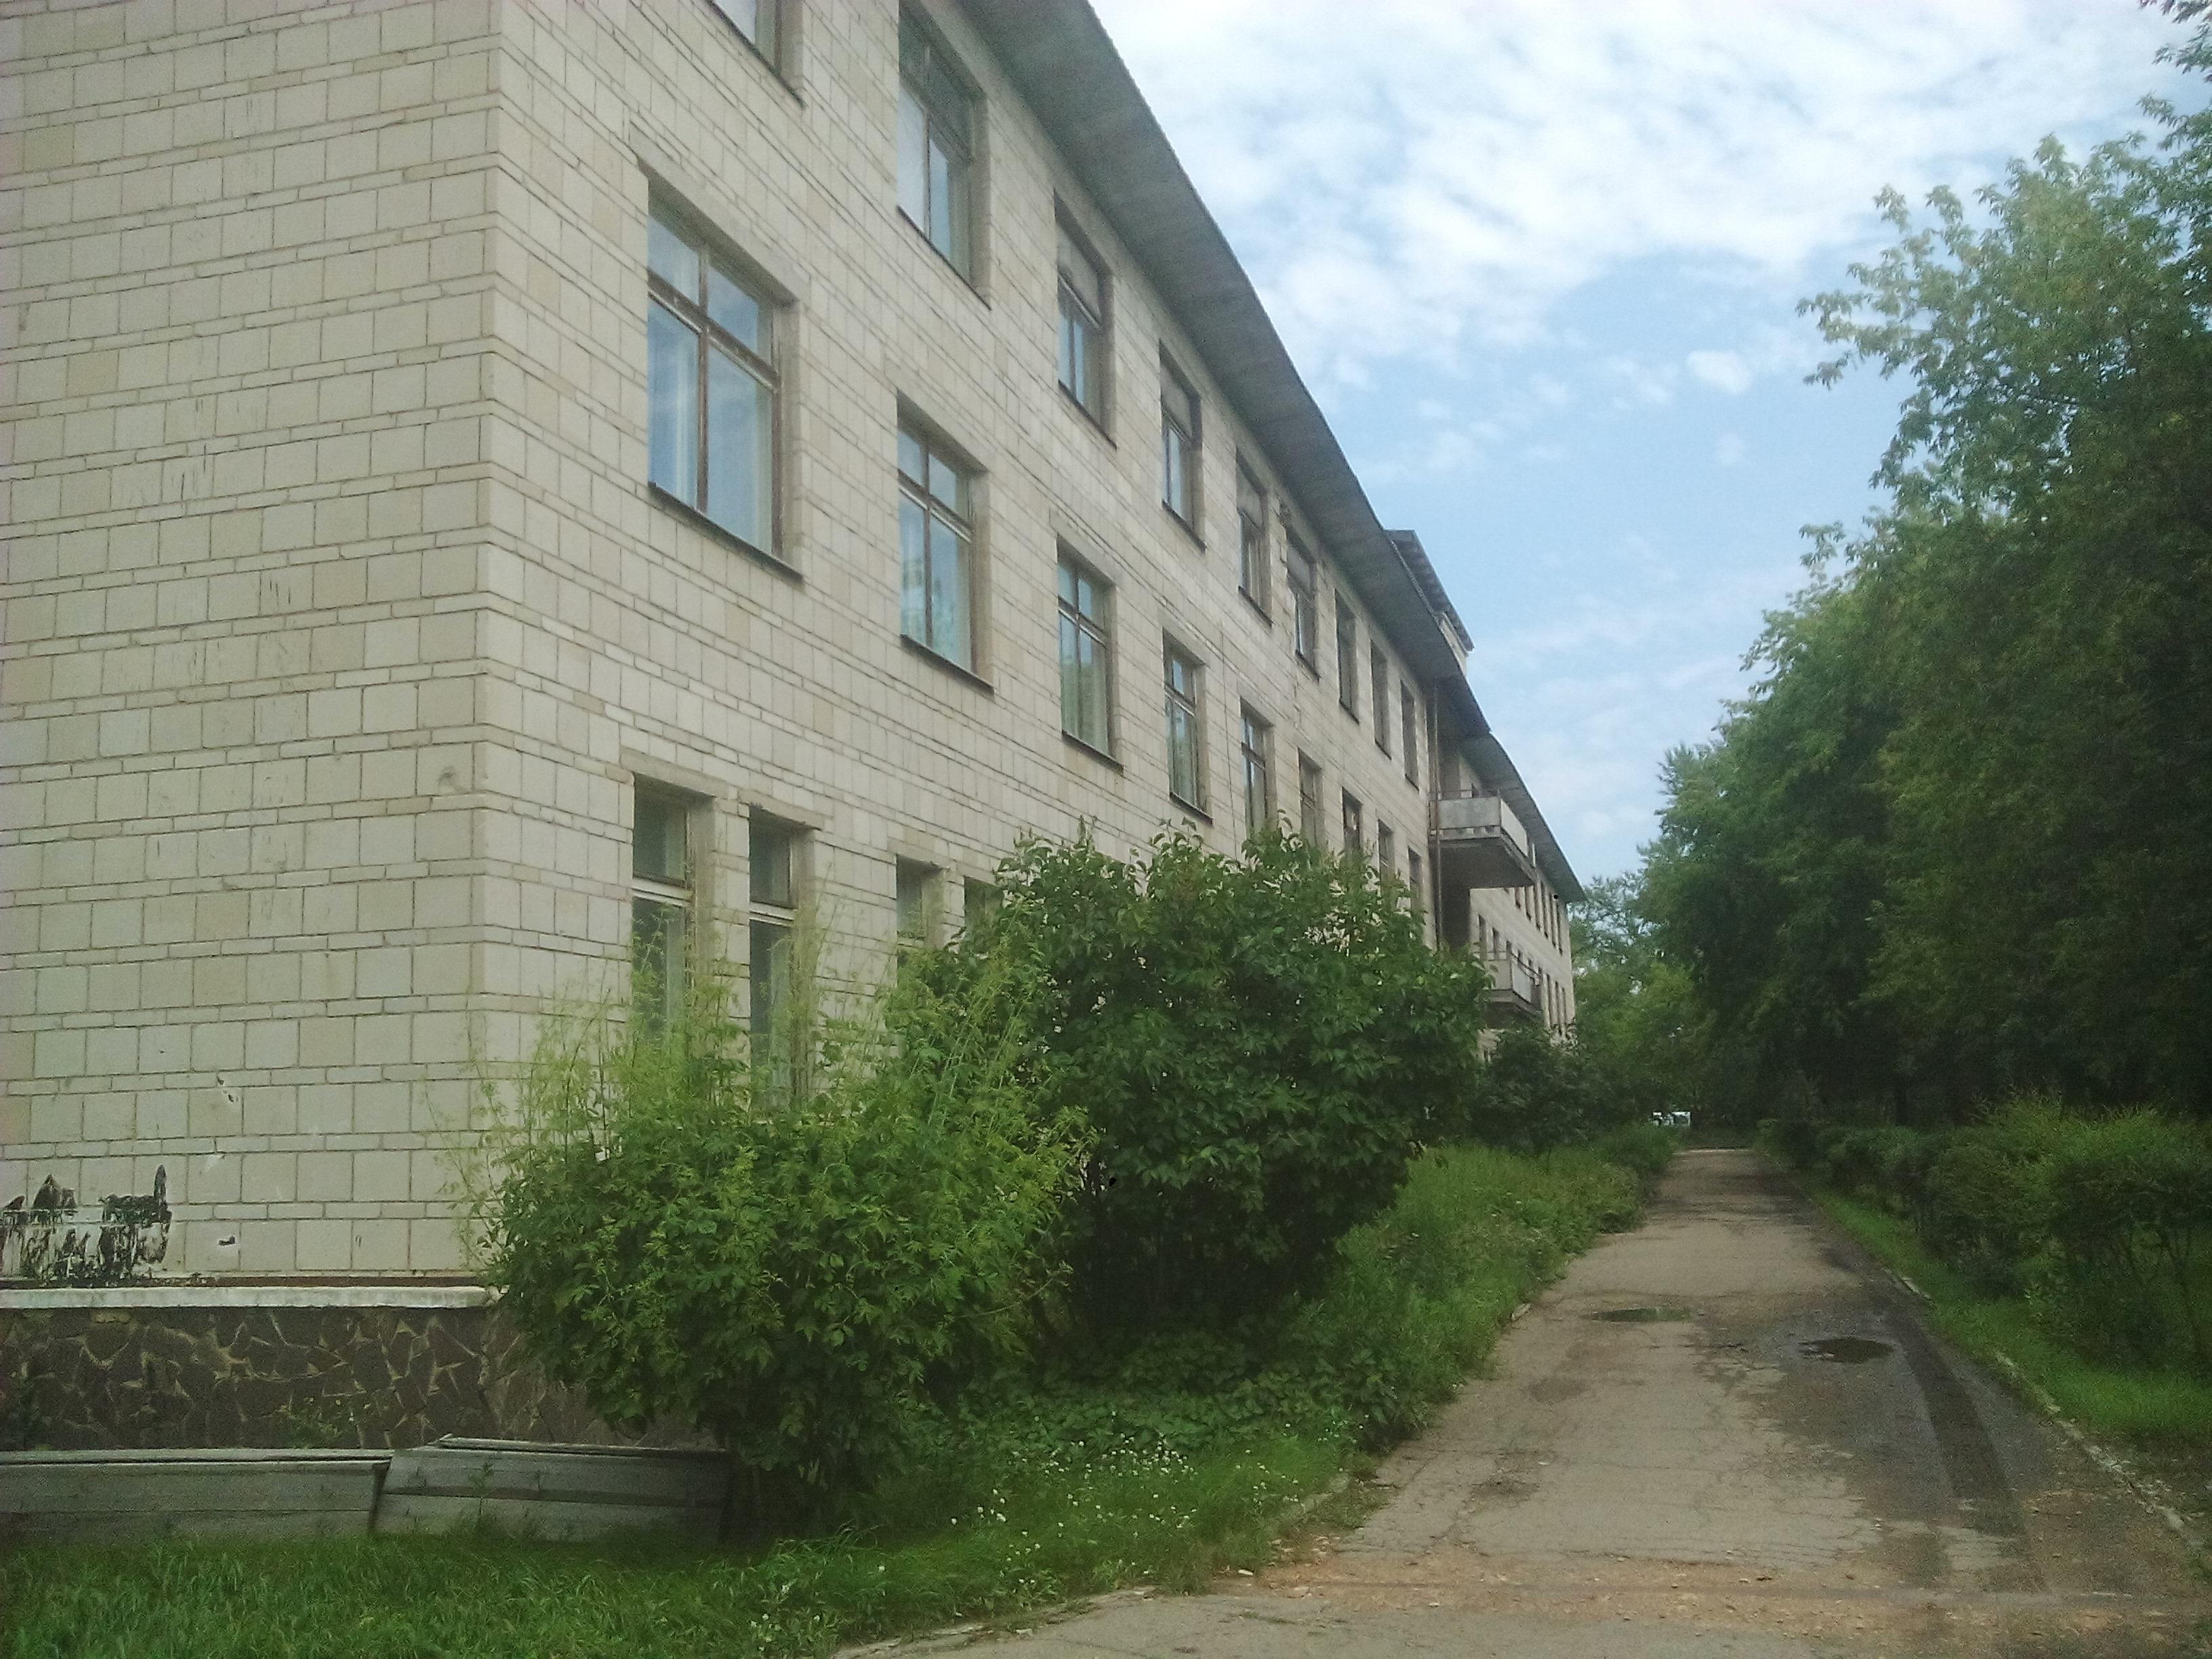 http://shantobe-foto.narod.ru/archive/IMG_20160714_130245.jpg